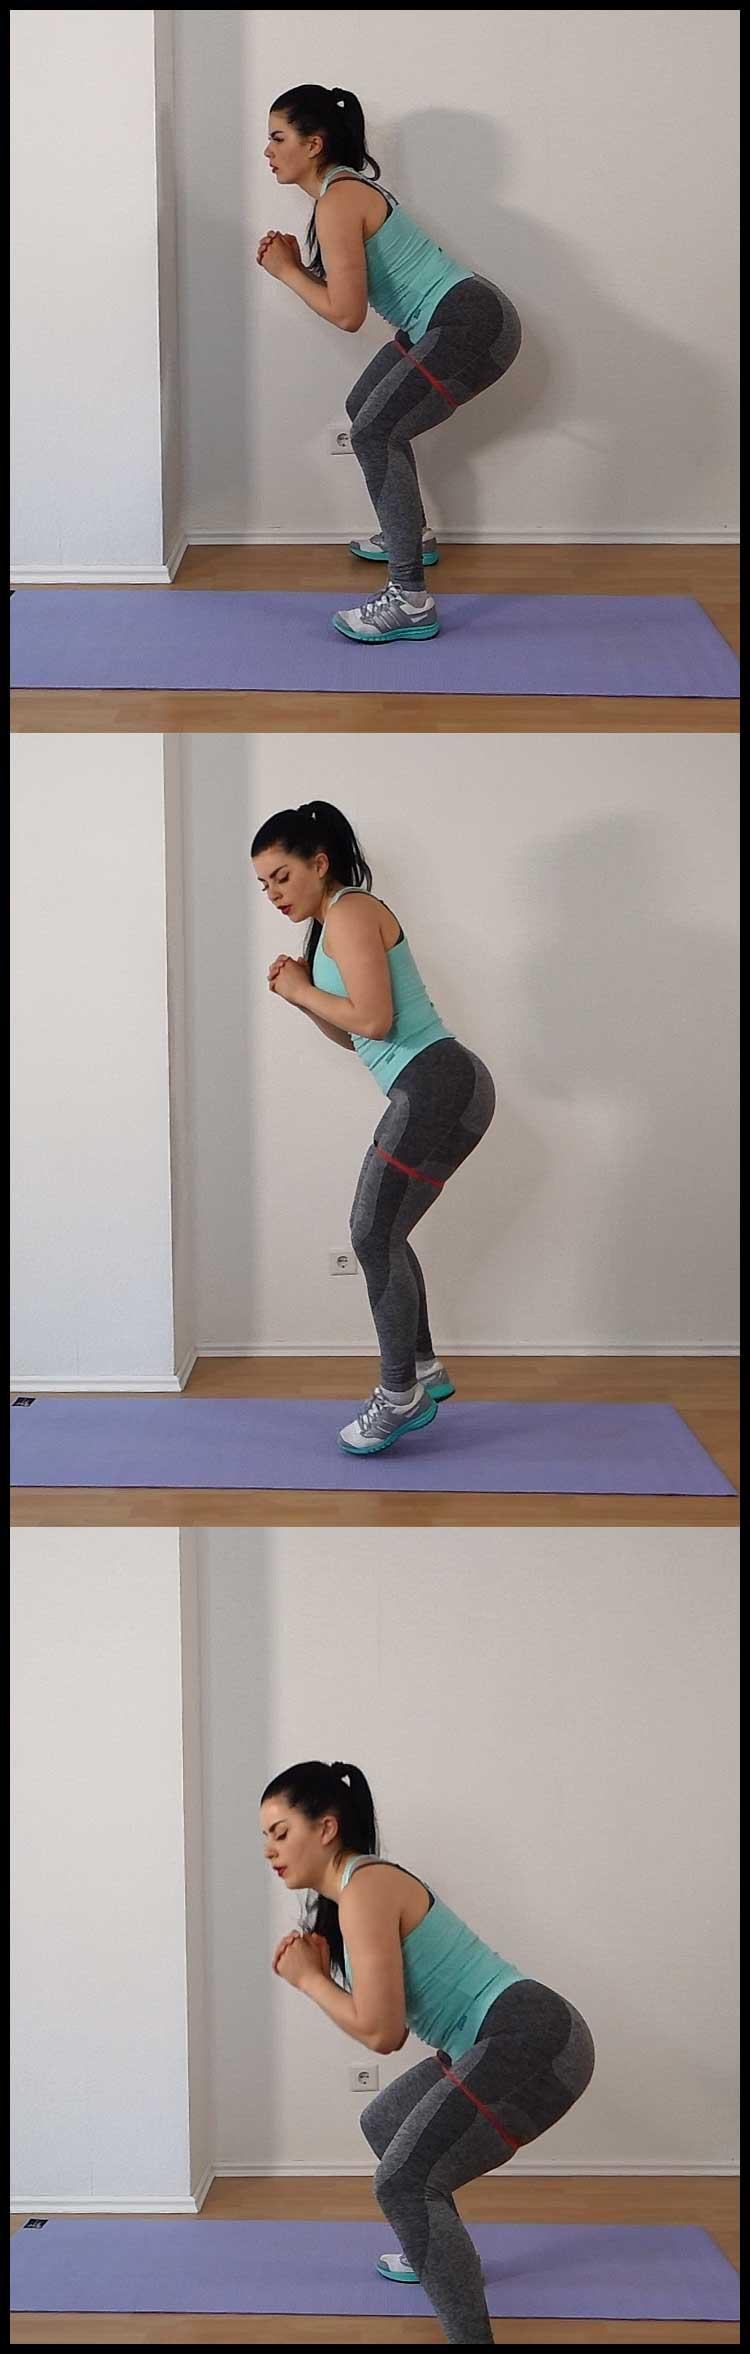 Gluteus Minimus Exercises